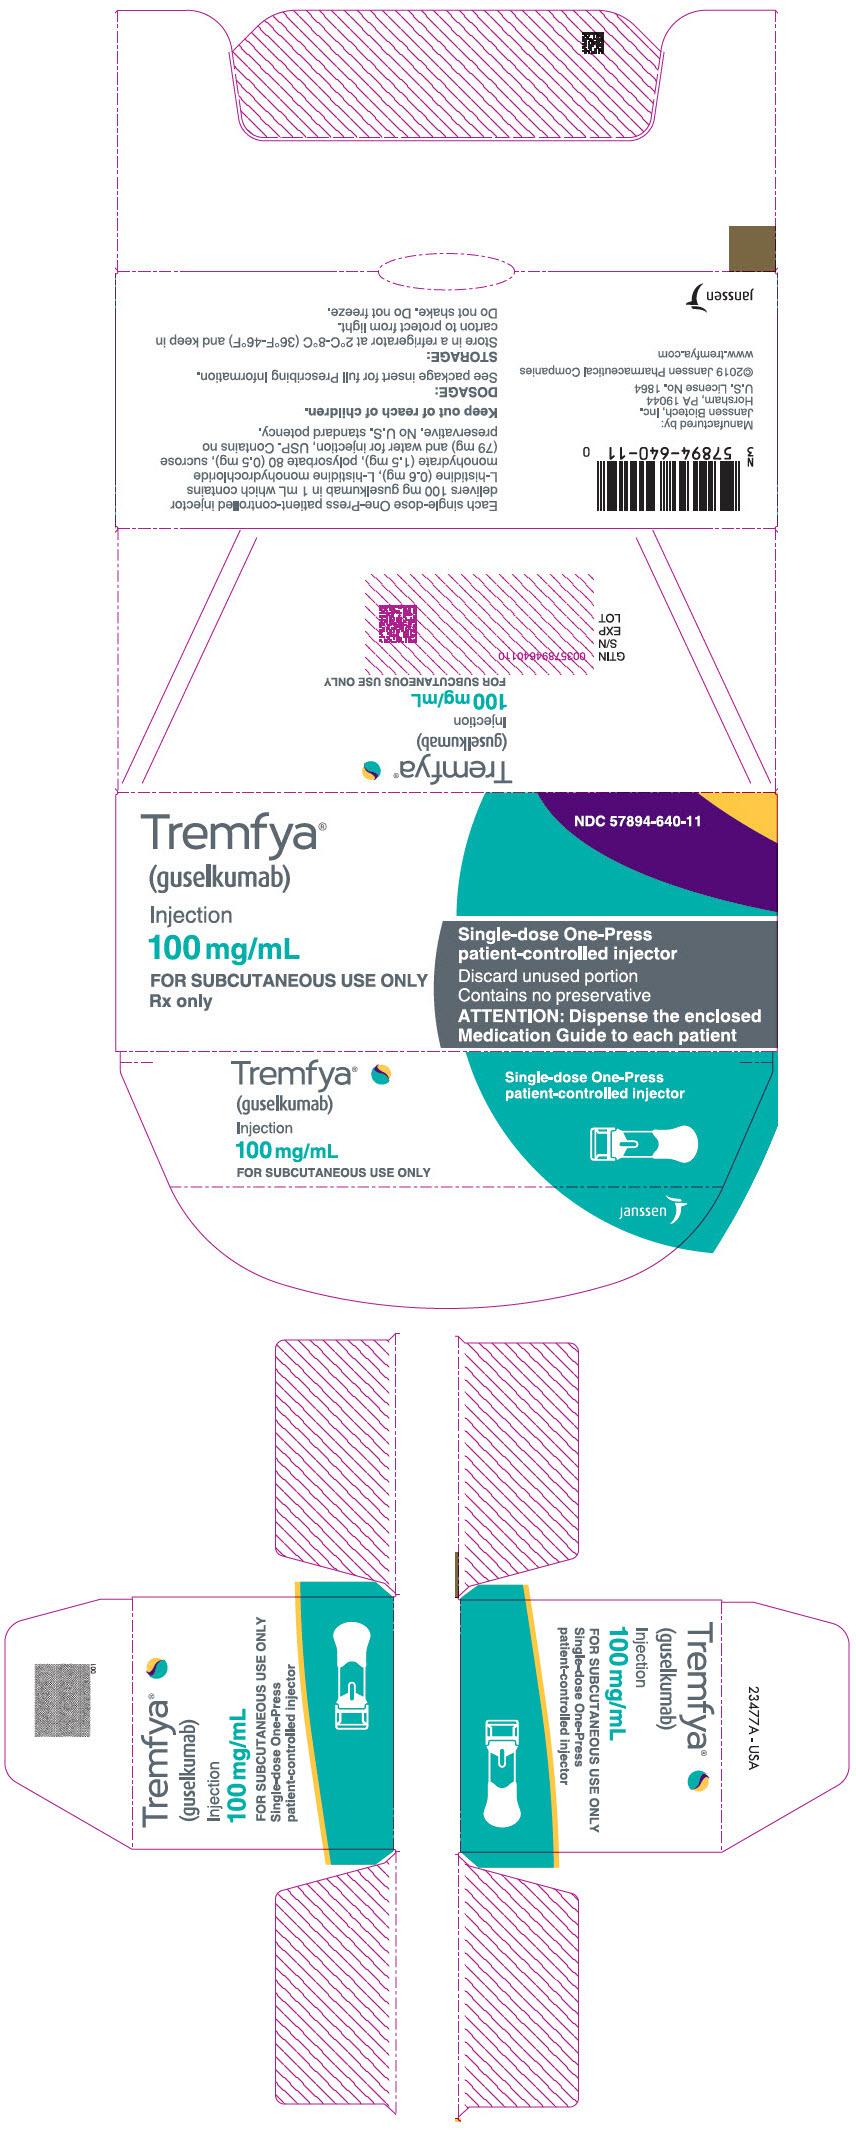 PRINCIPAL DISPLAY PANEL - 100 mg/mL Syringe Carton